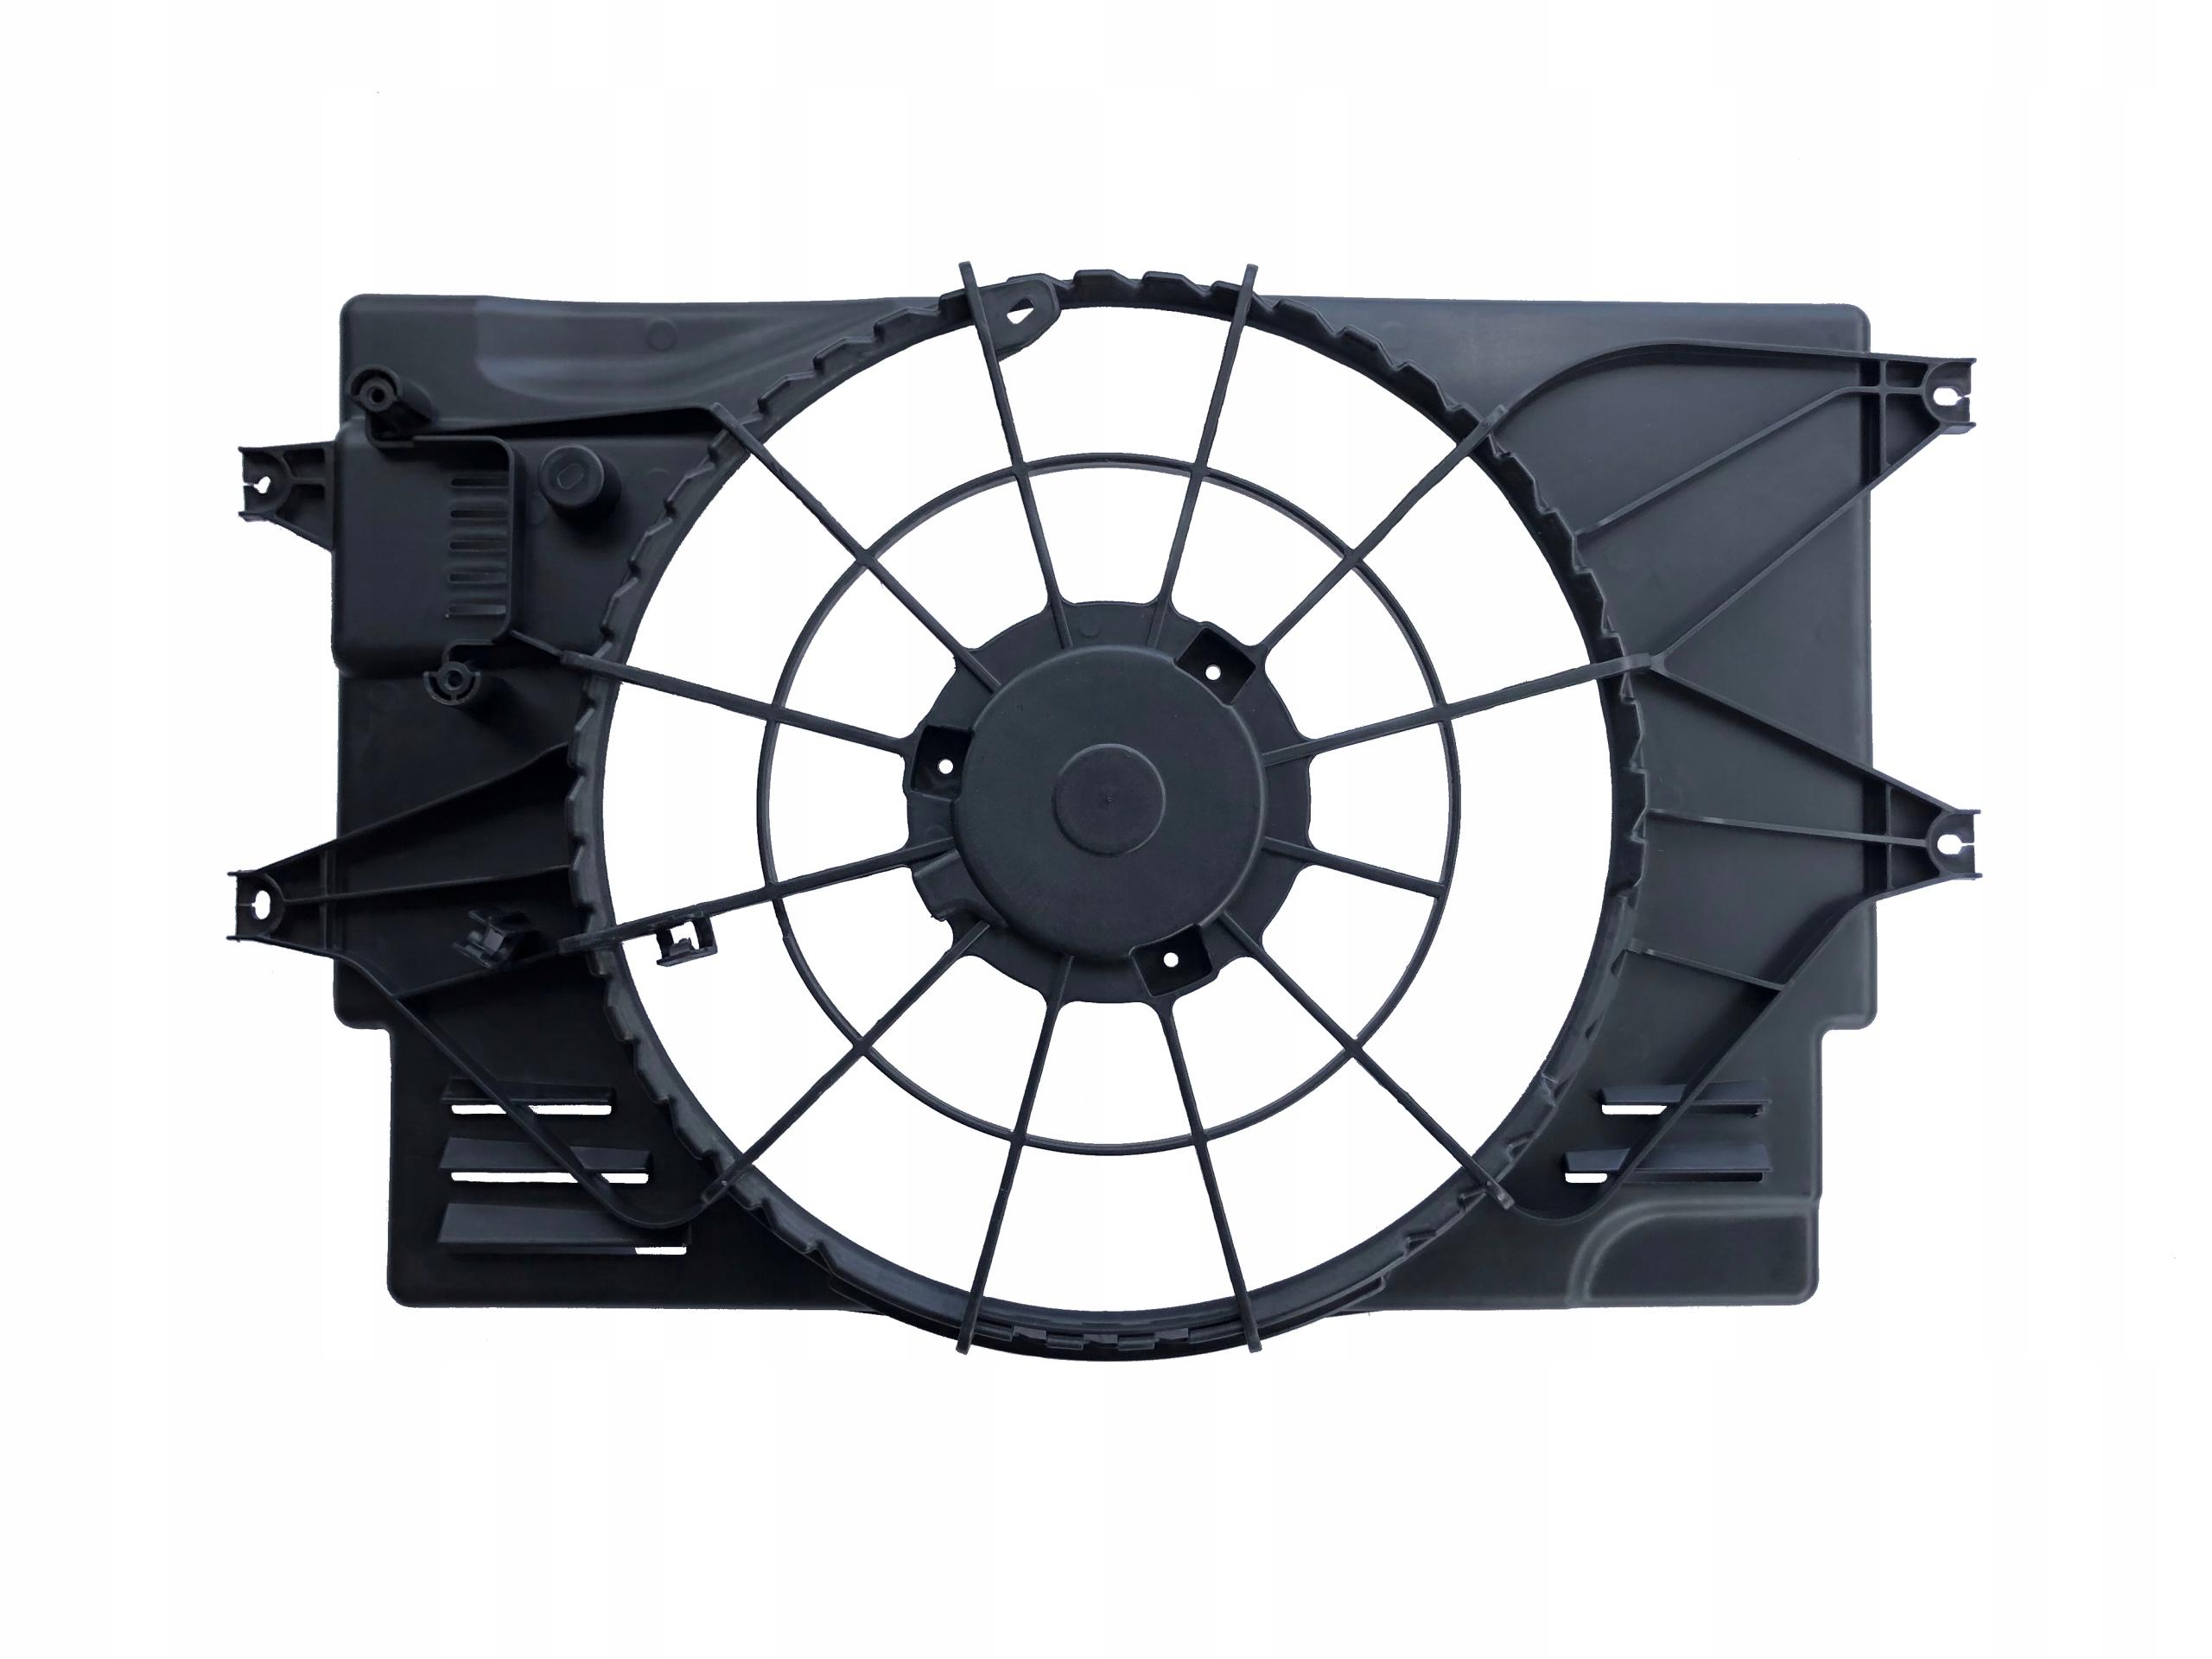 корпус вентилятора hyundai i20 t-gdi 2018-